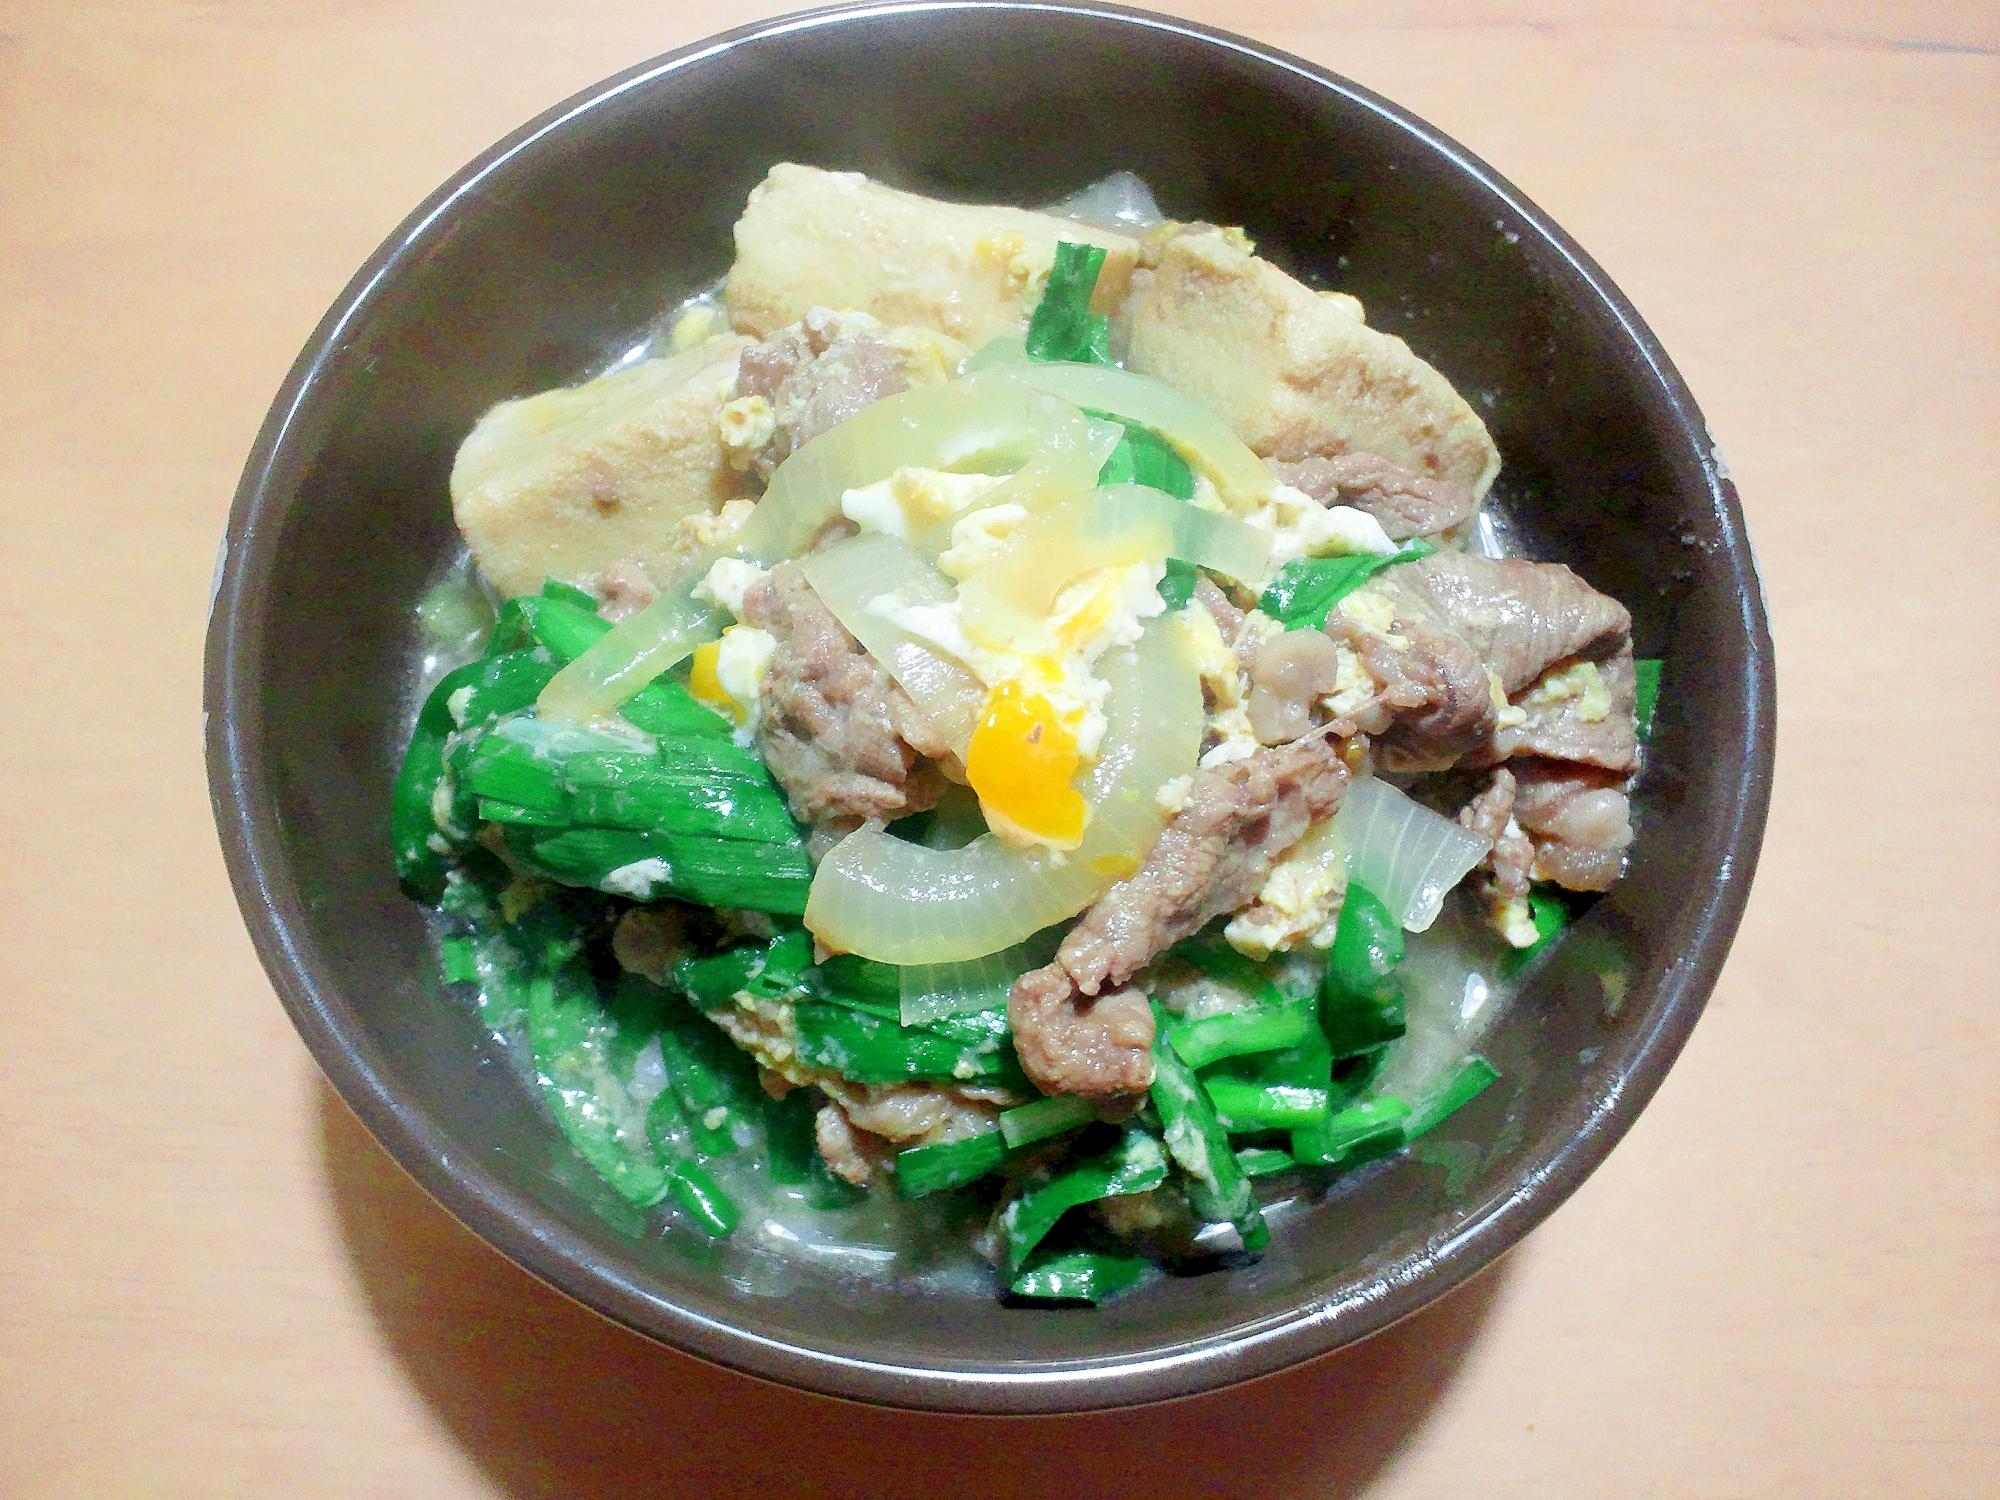 凍り豆腐入り!すき焼き肉を使って、贅沢な牛丼♪